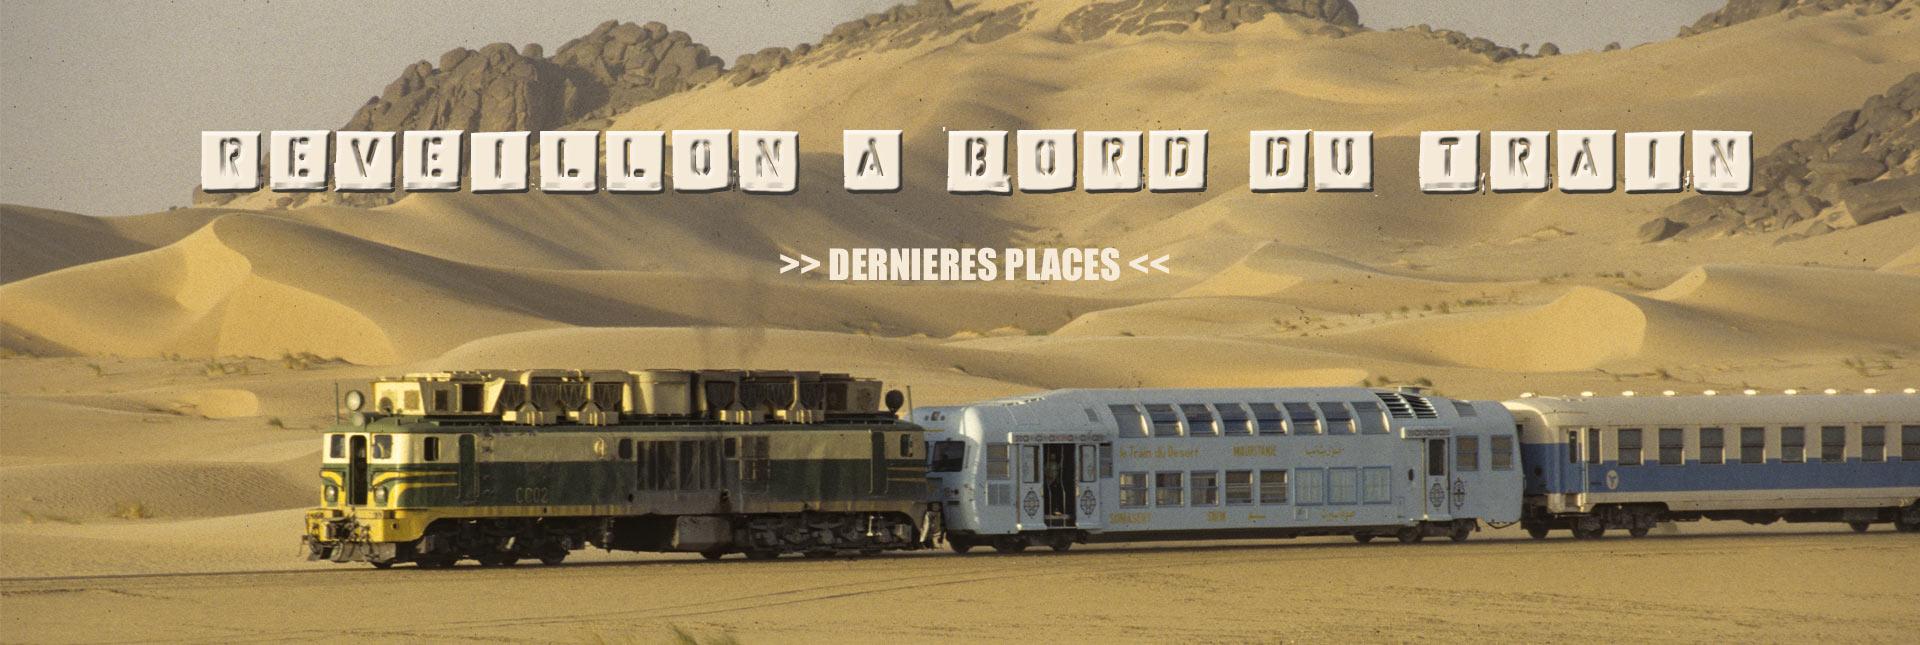 Réveillon à bord du train du Désert